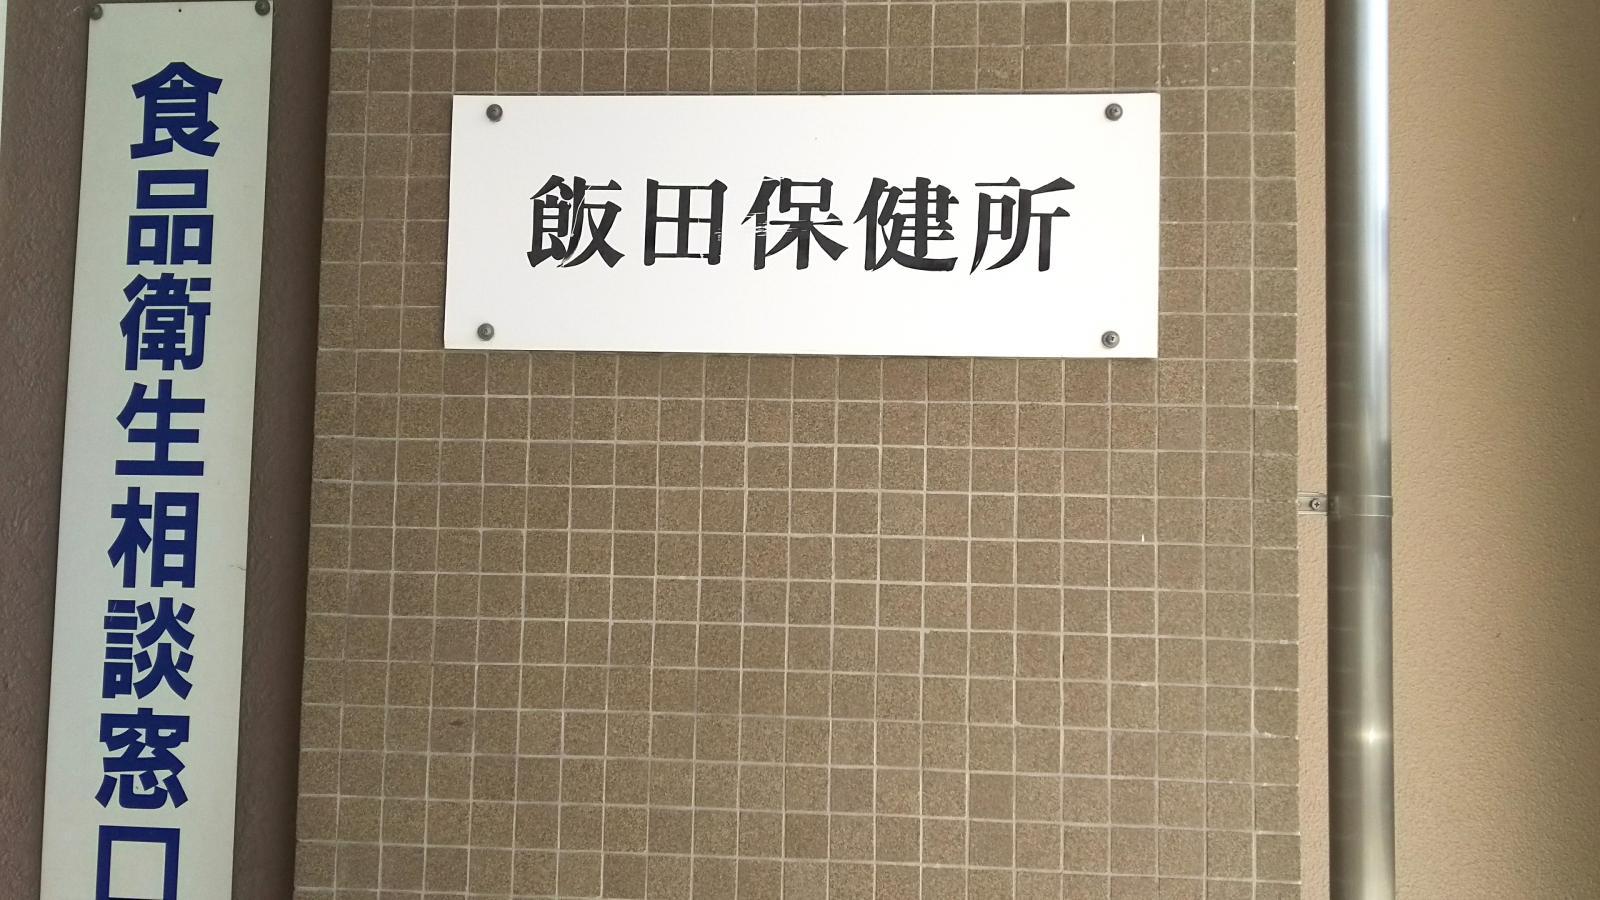 保健所 飯田 市